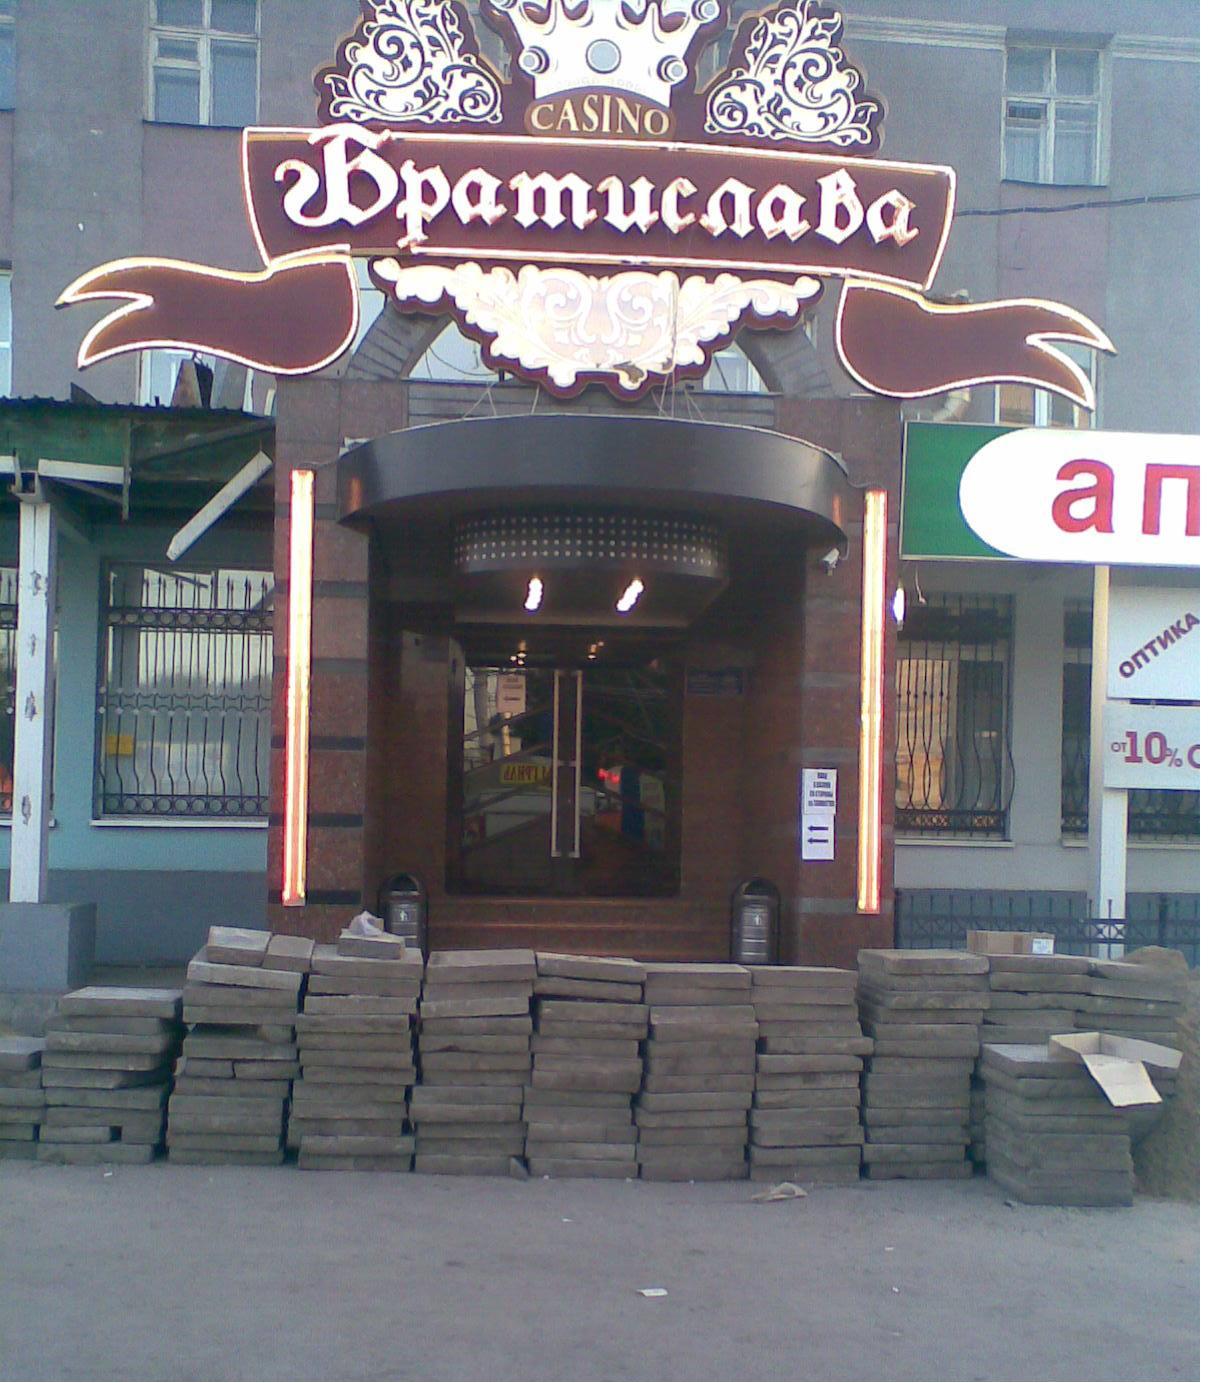 kazino-bratislava-gorod-sarat